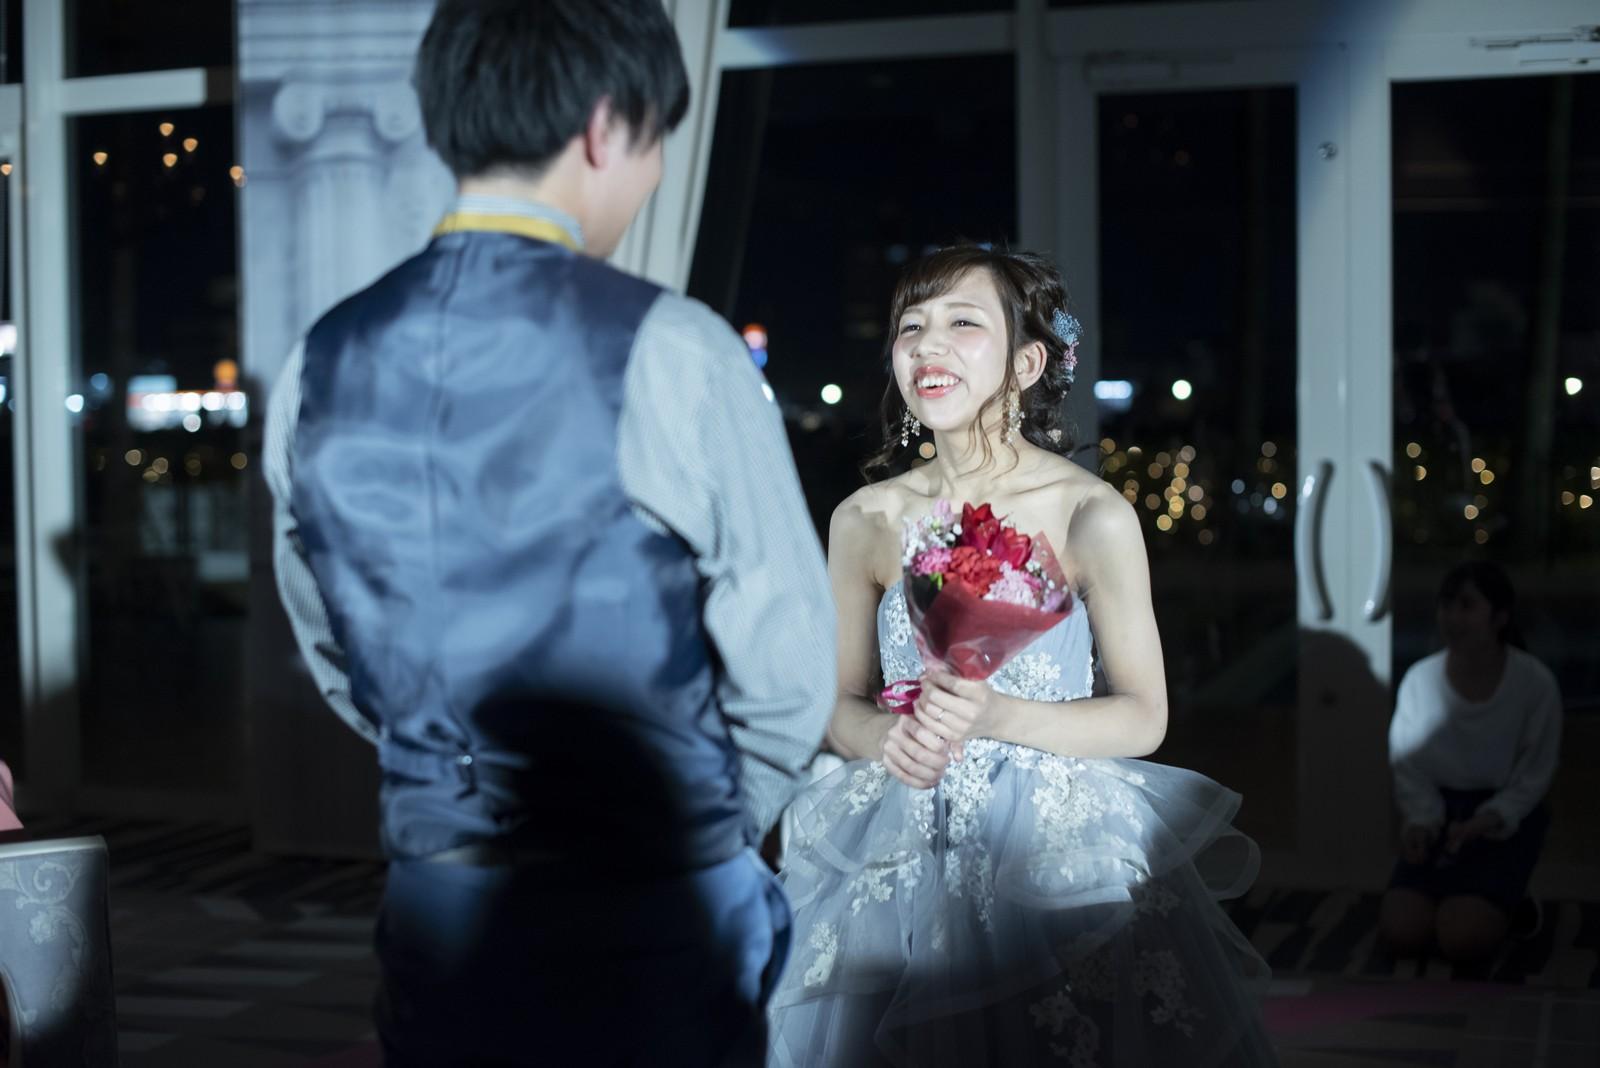 徳島市の結婚式場ブランアンジュの新郎様へのサプライズの花束のプレゼント